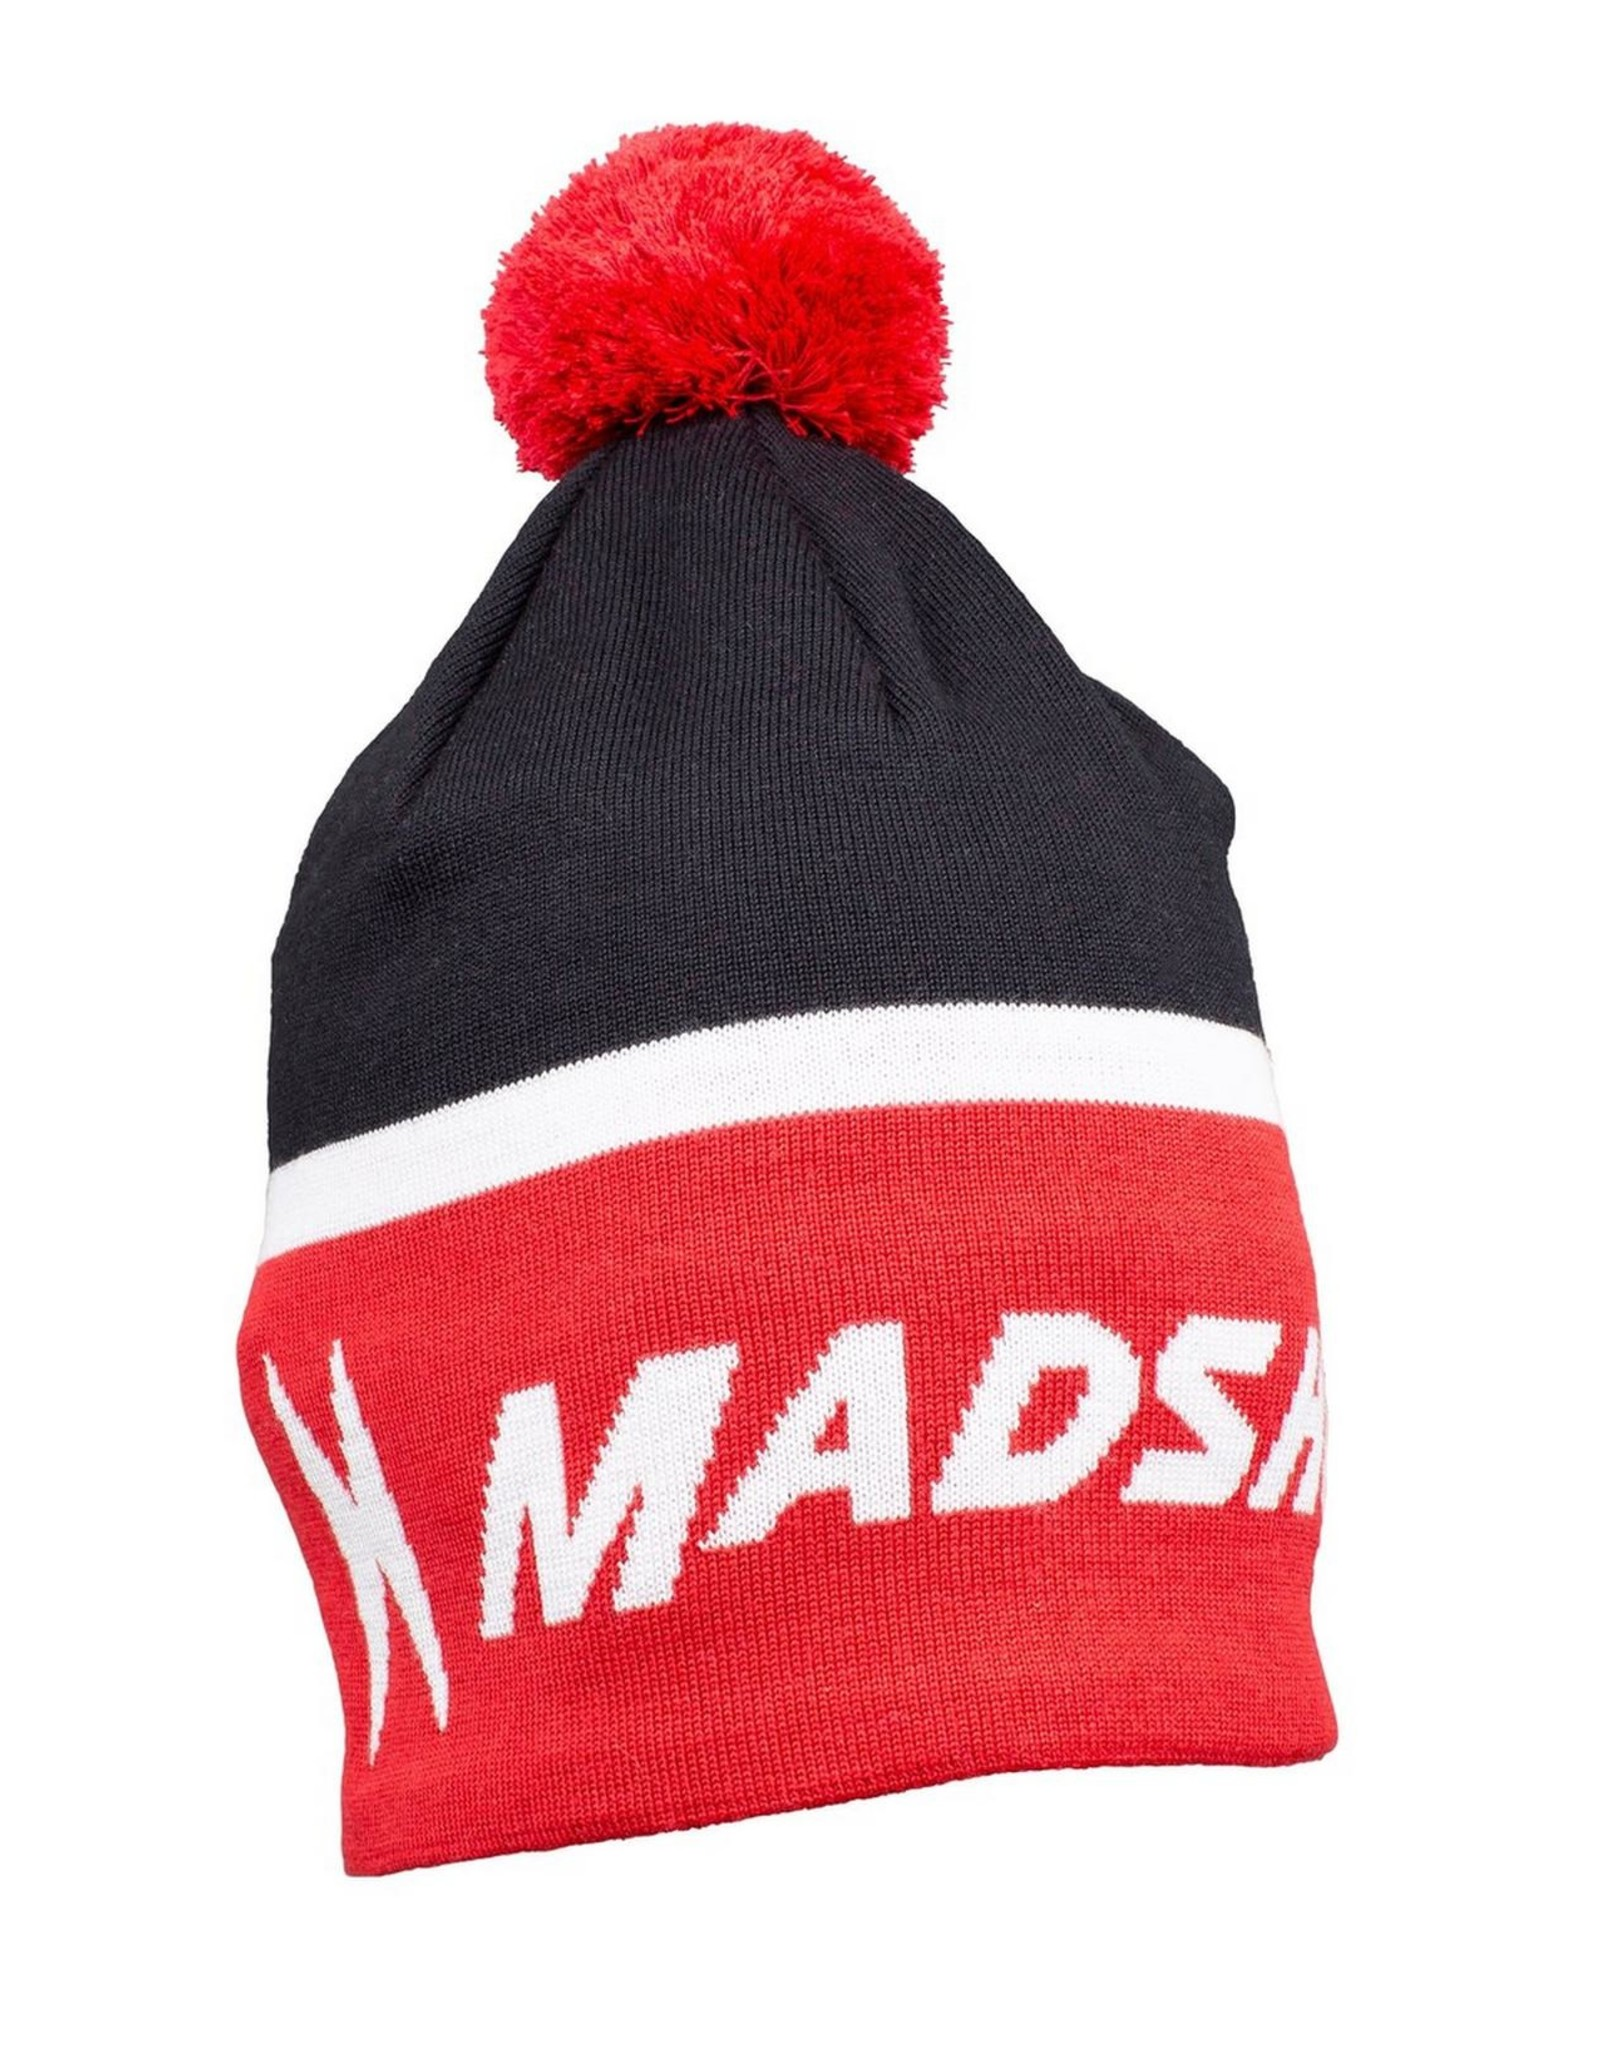 Madshus Retro Hat Black